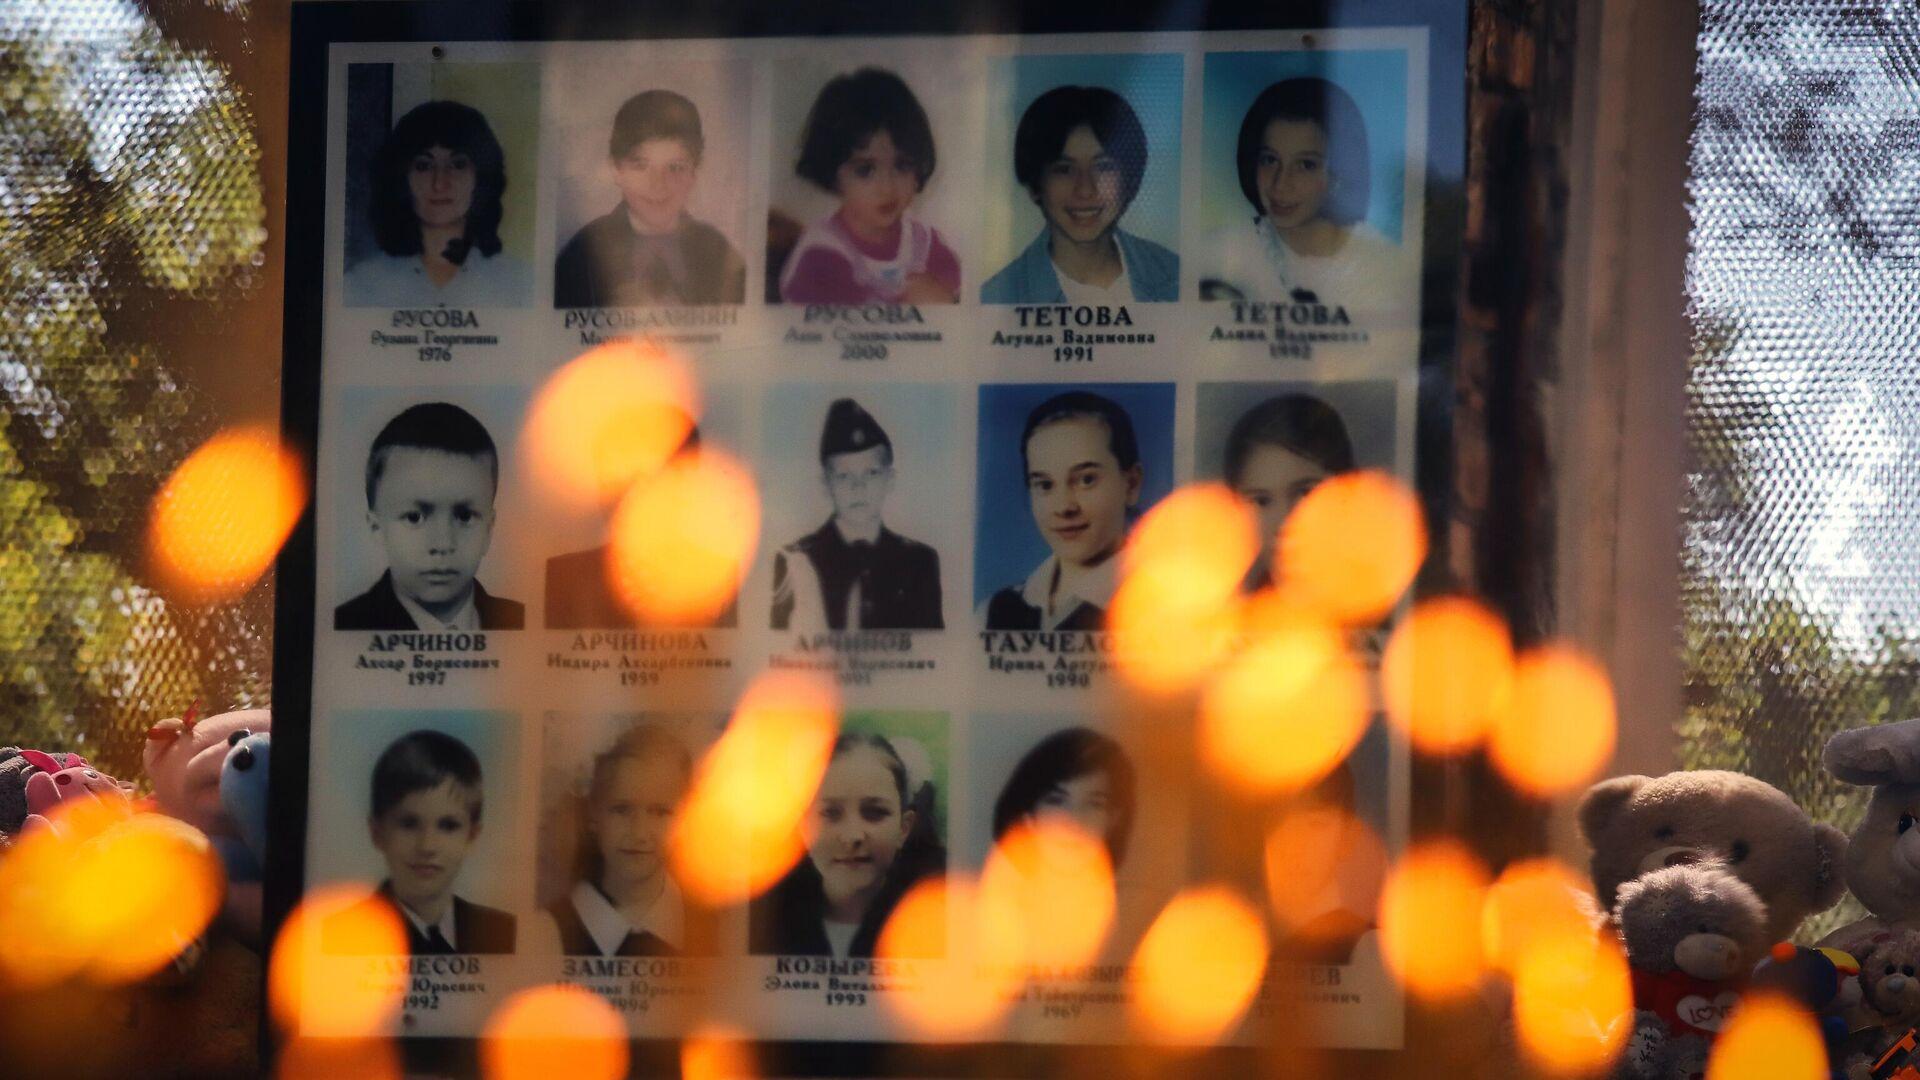 Свечи и игрушки у фотографий погибших в помещении бывшей Бесланской школы №1 - РИА Новости, 1920, 02.09.2020